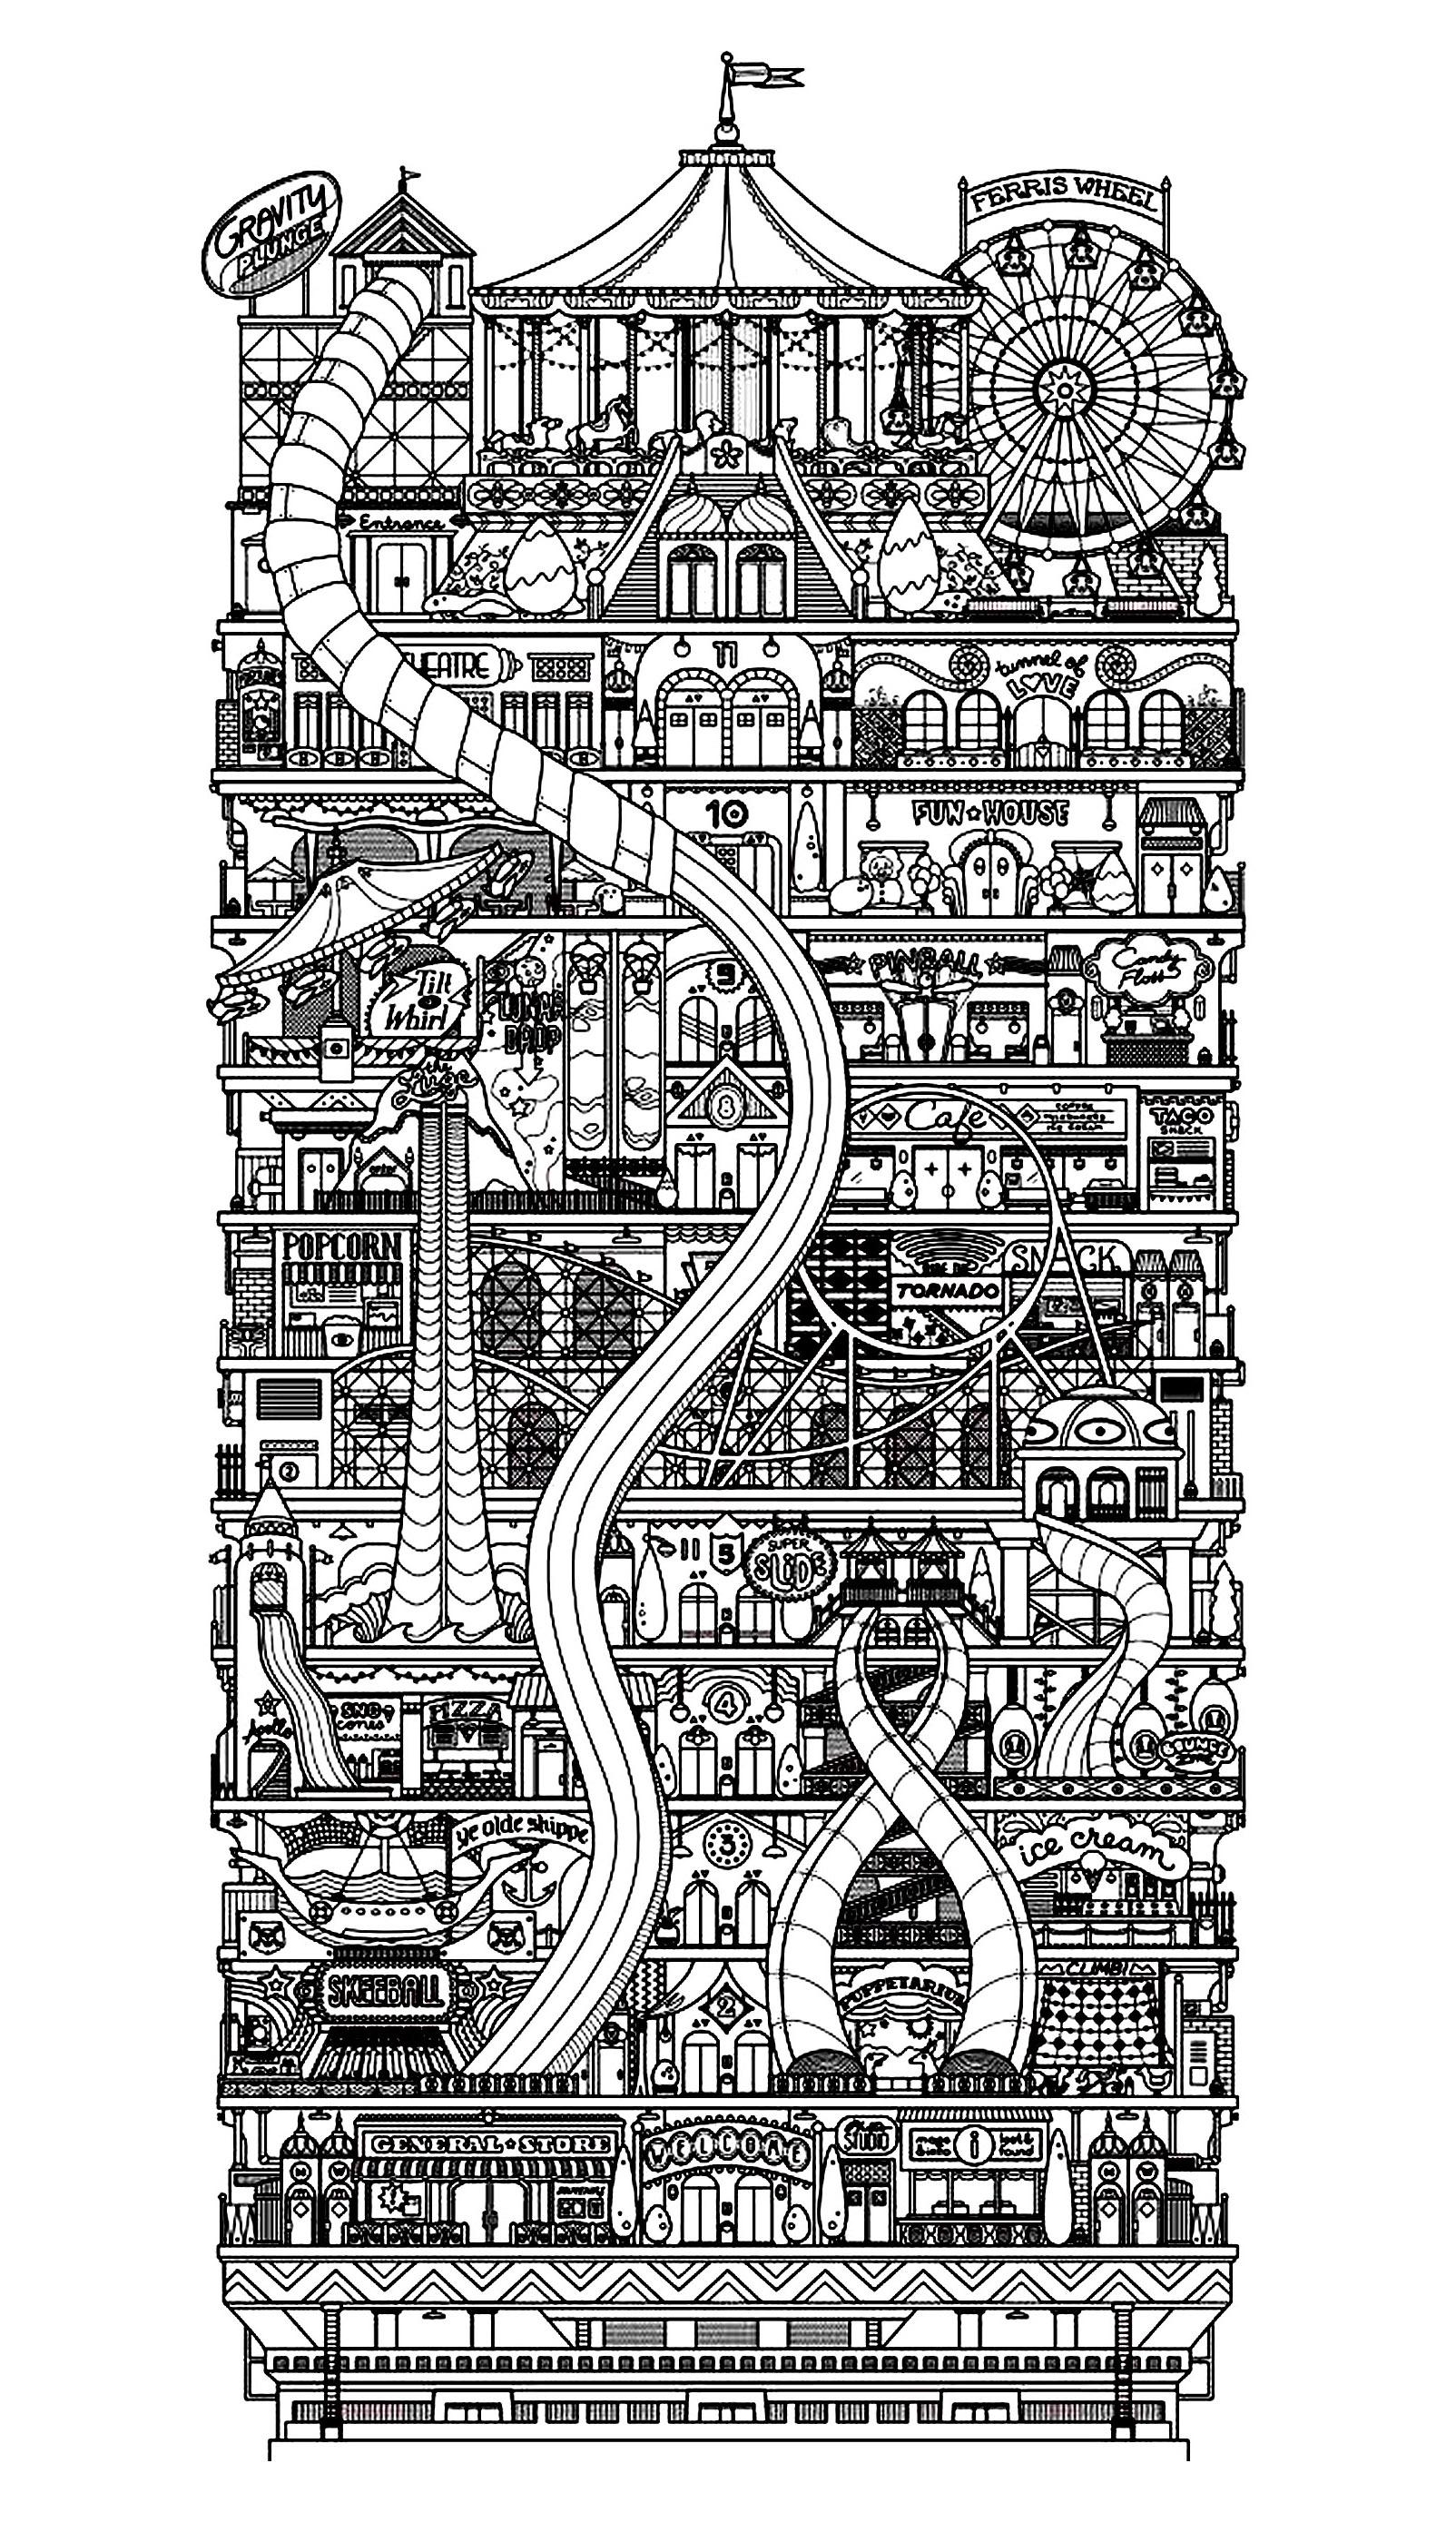 Architektur zuhause 46787